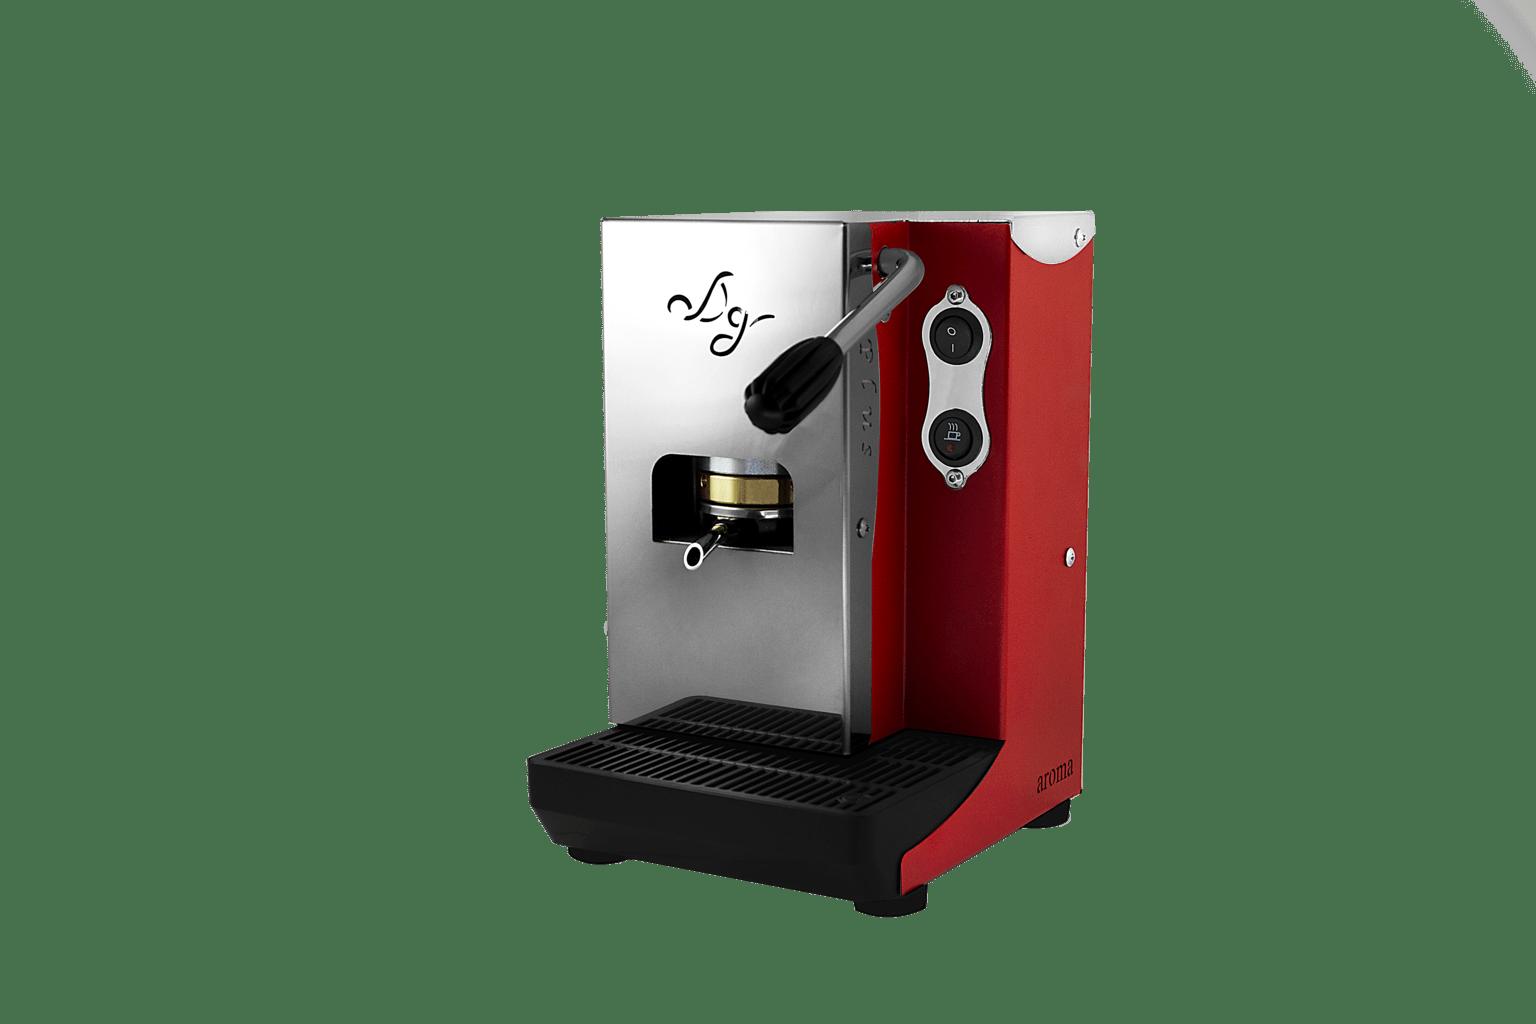 Aroma Plus ESE Pad Espressomaschine Rot